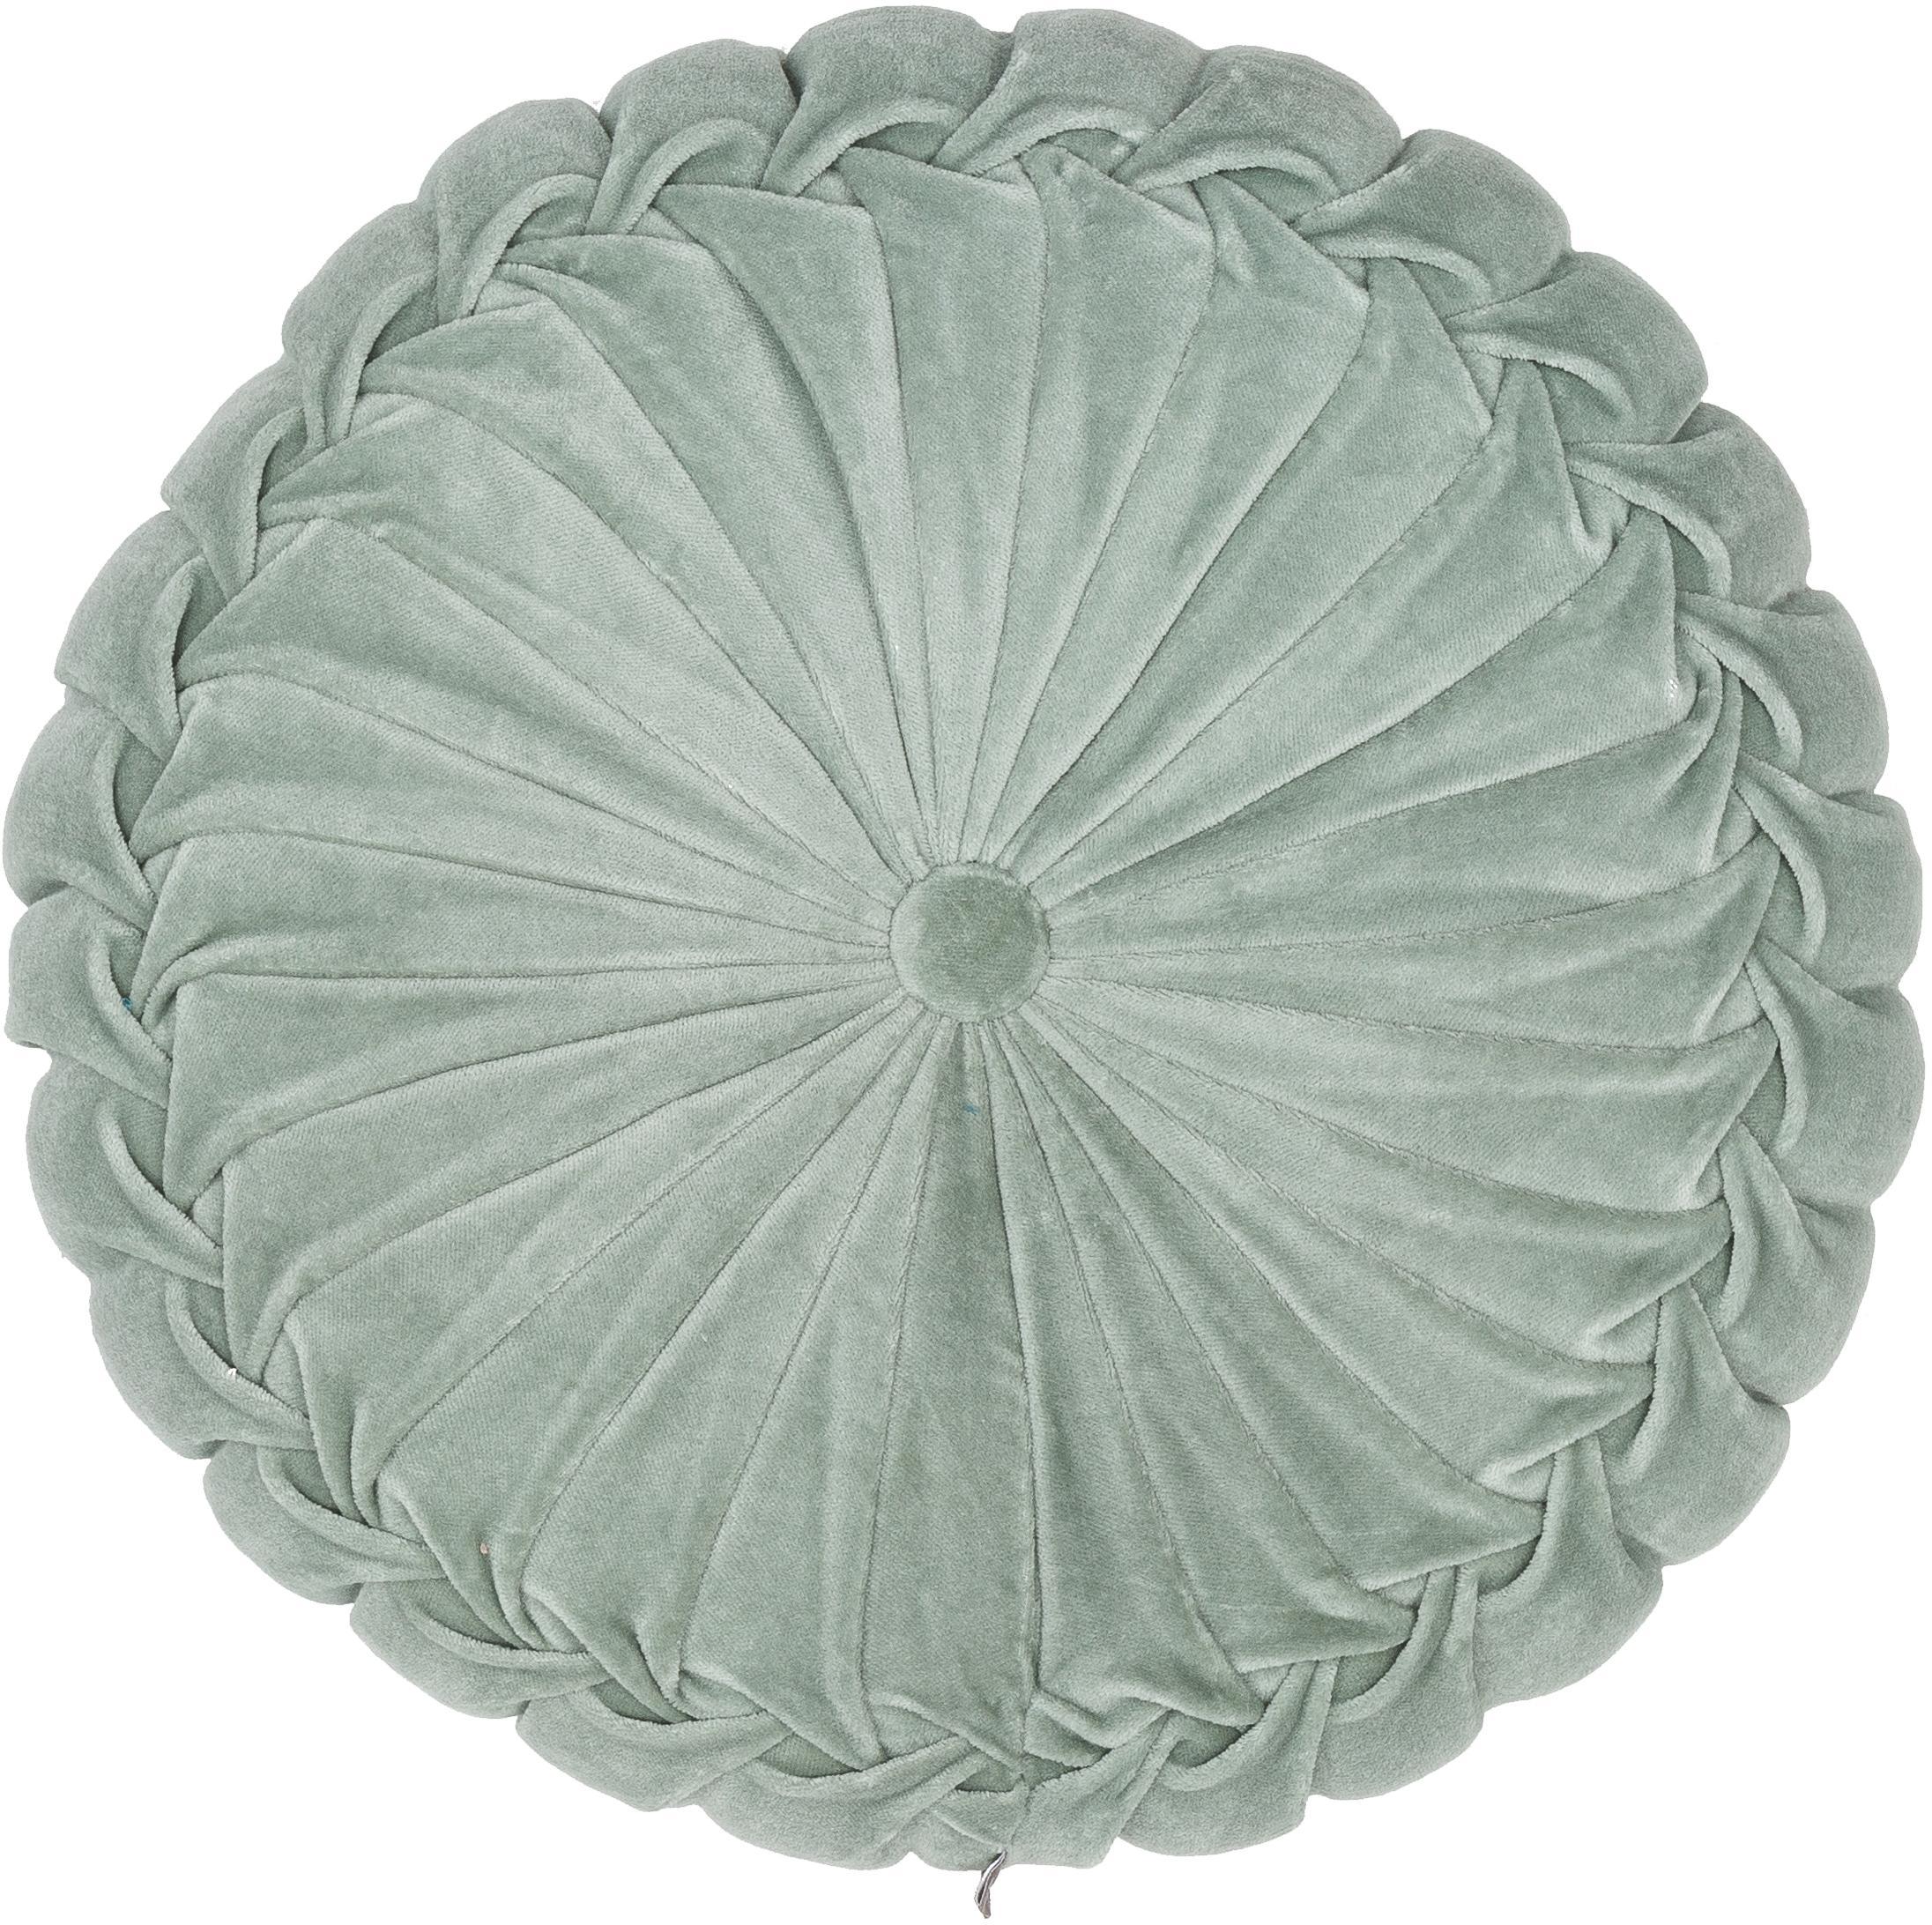 Rundes Samt-Kissen Kanan mit Raffungen, mit Inlett, 100% Baumwollsamt, Mint, Ø 40 cm